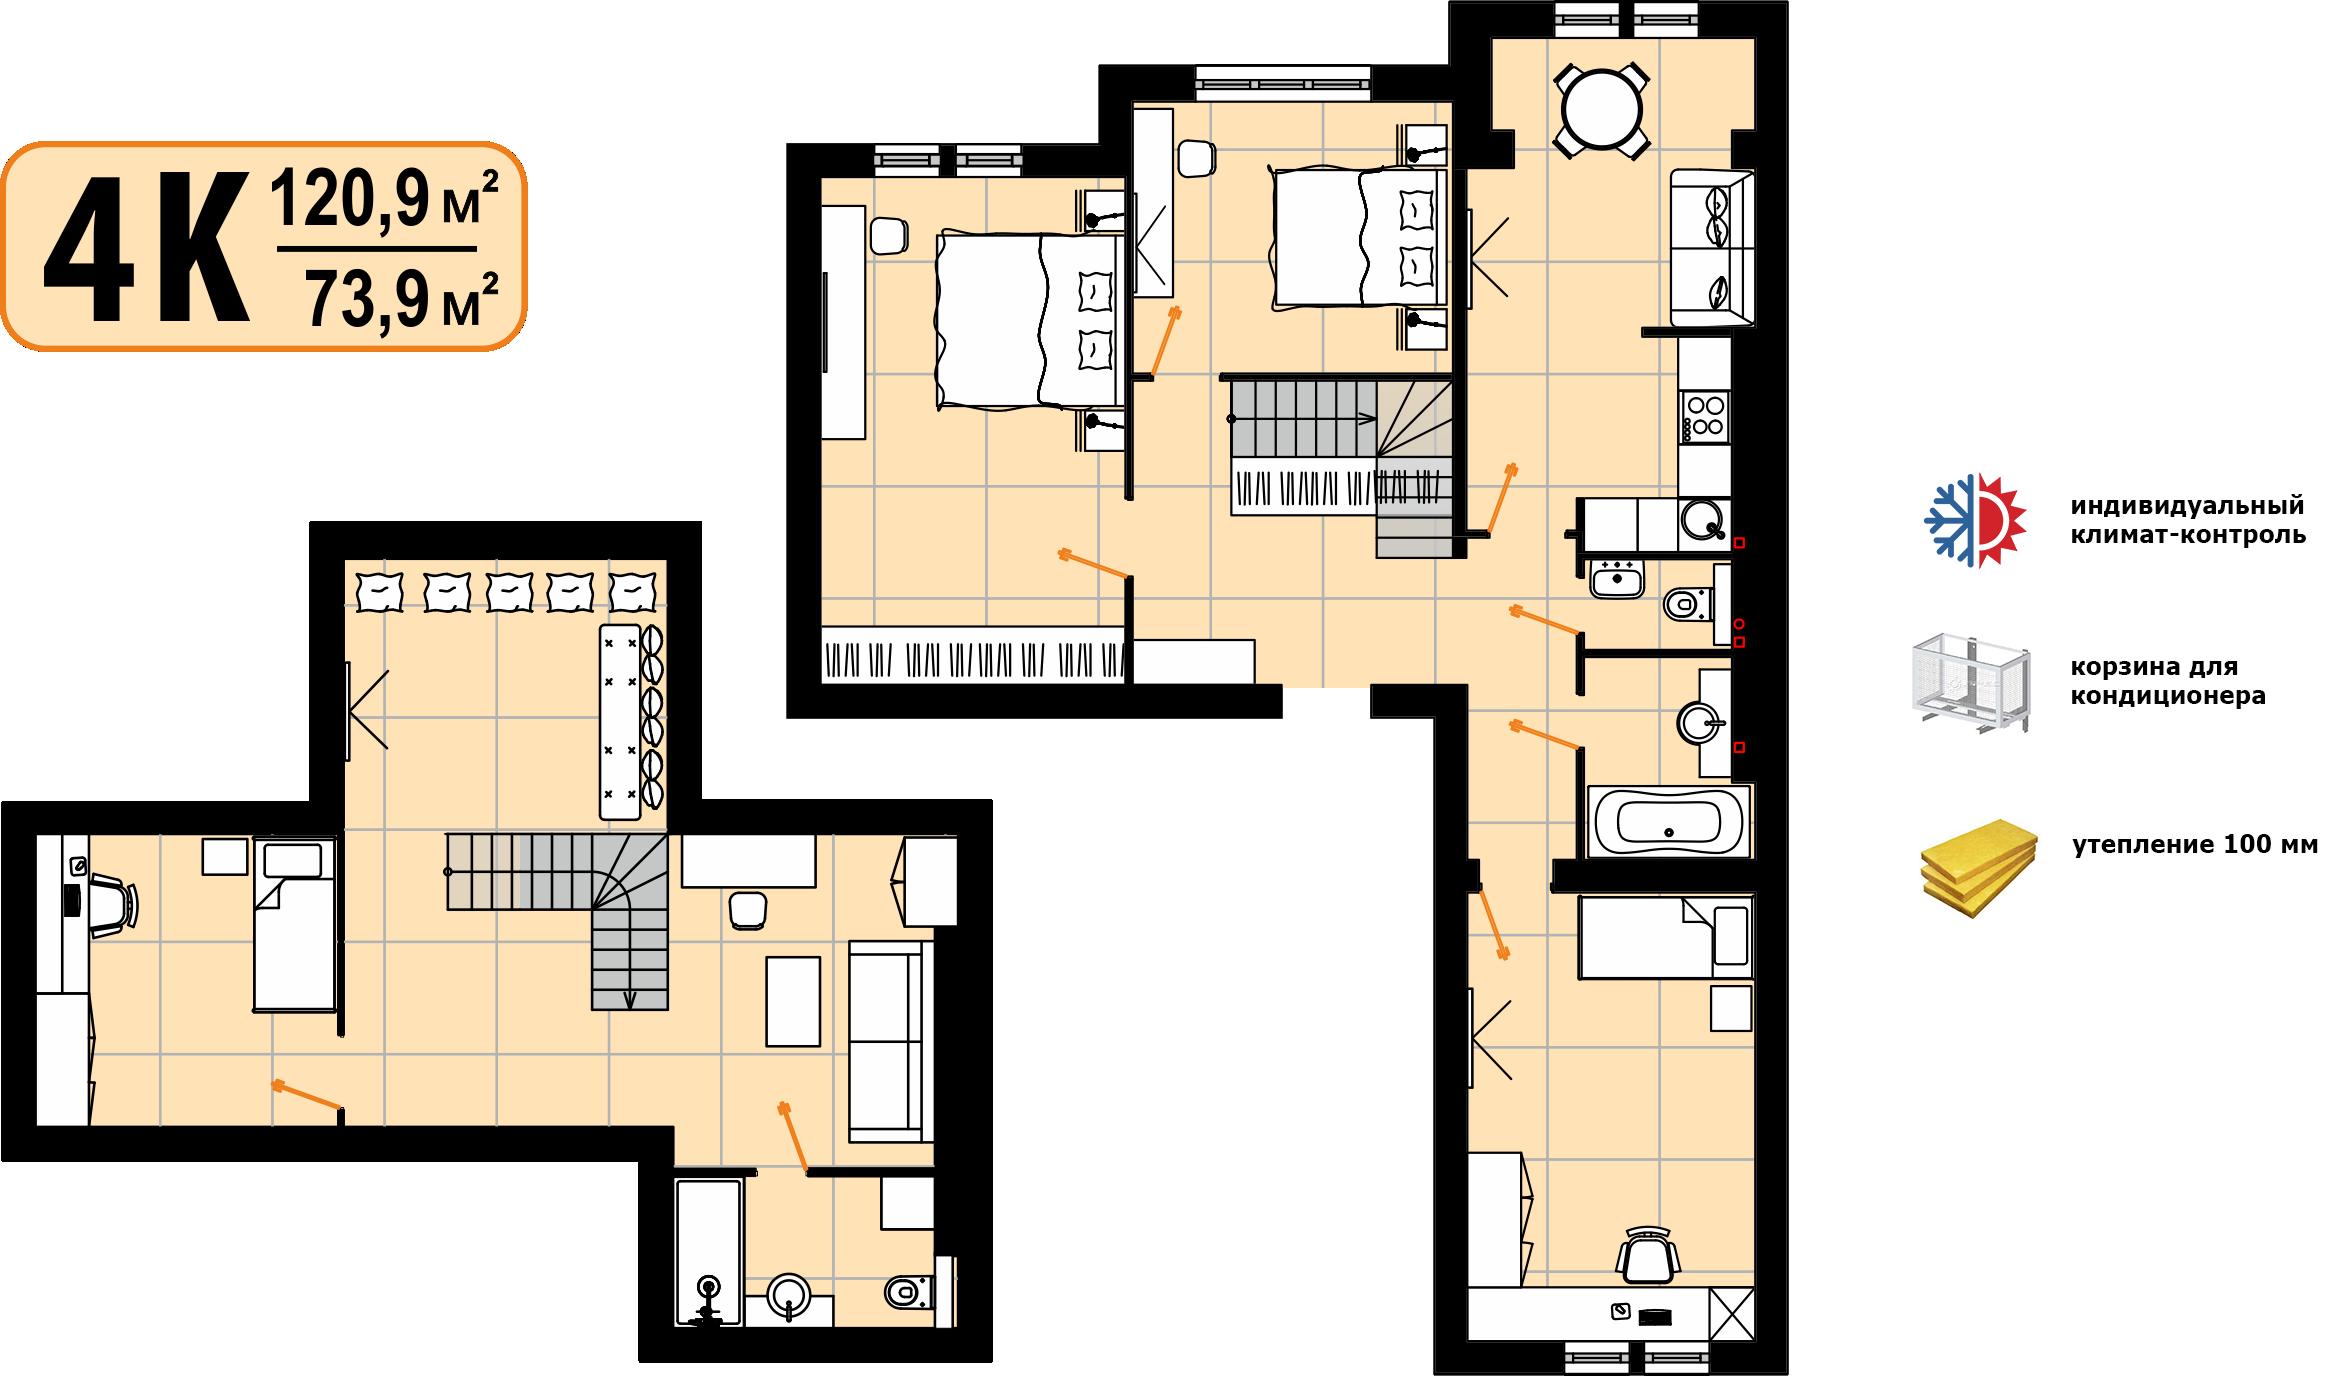 """2-рівнева квартира """"4К"""" 120м²"""